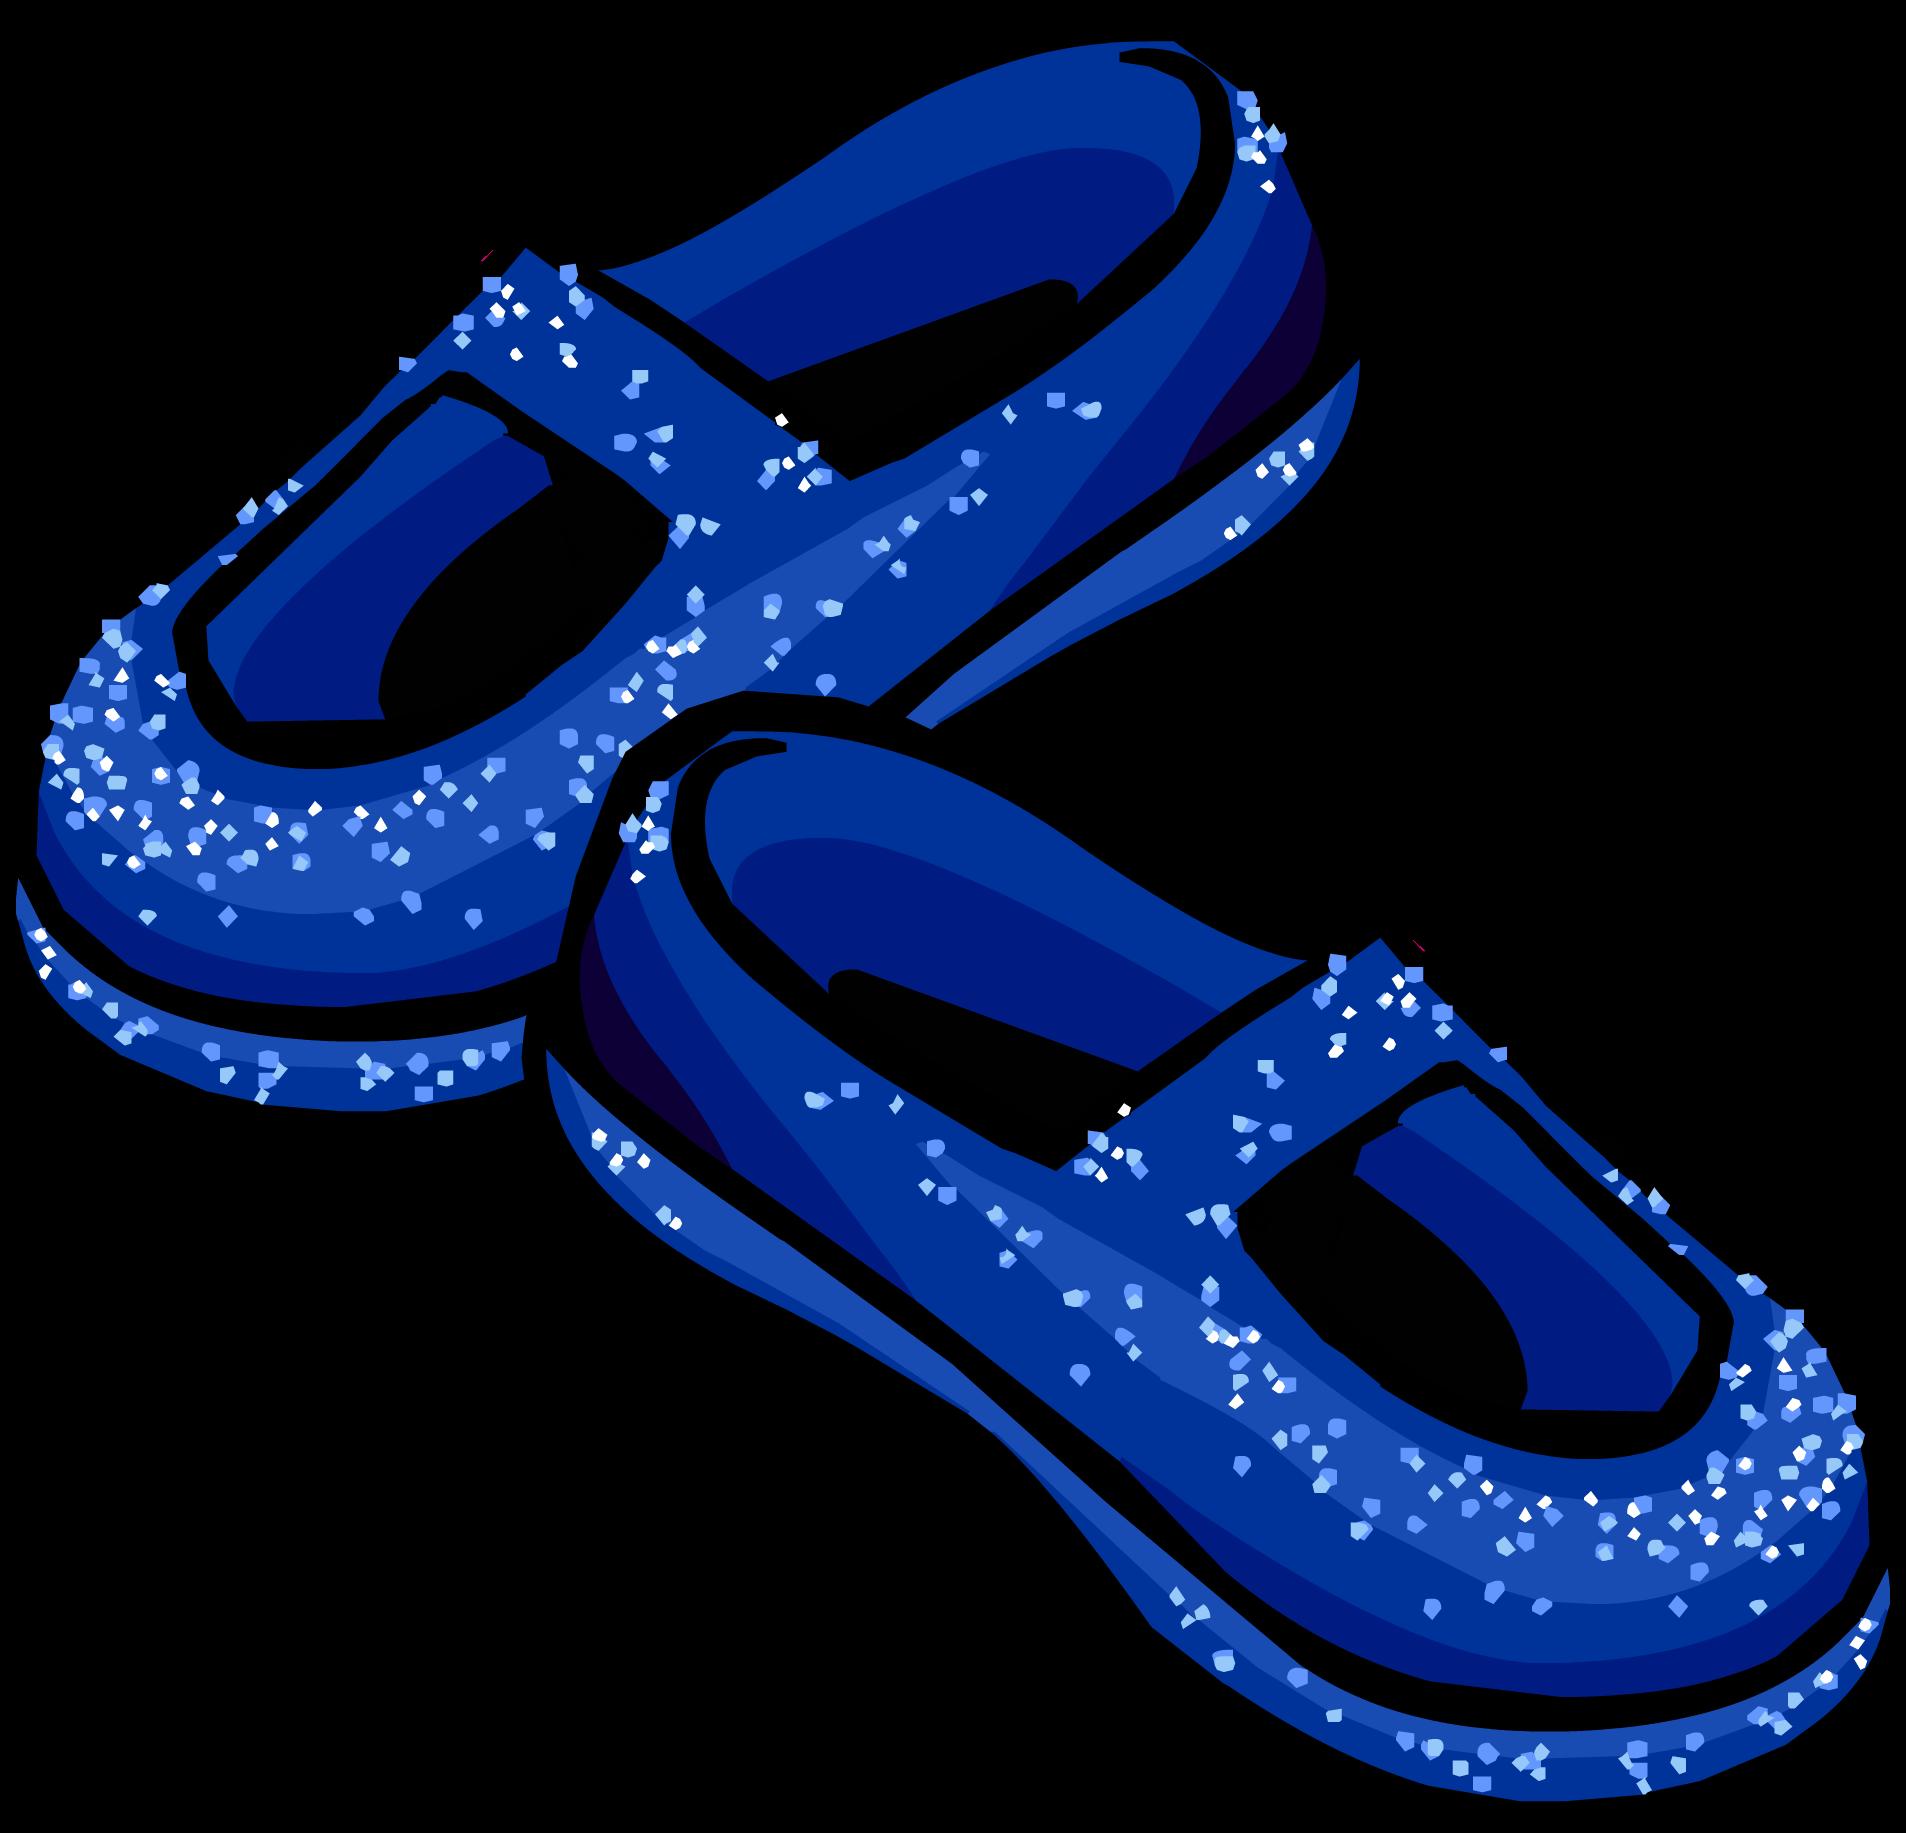 Blue stardust slippers club. Heels clipart glass slipper